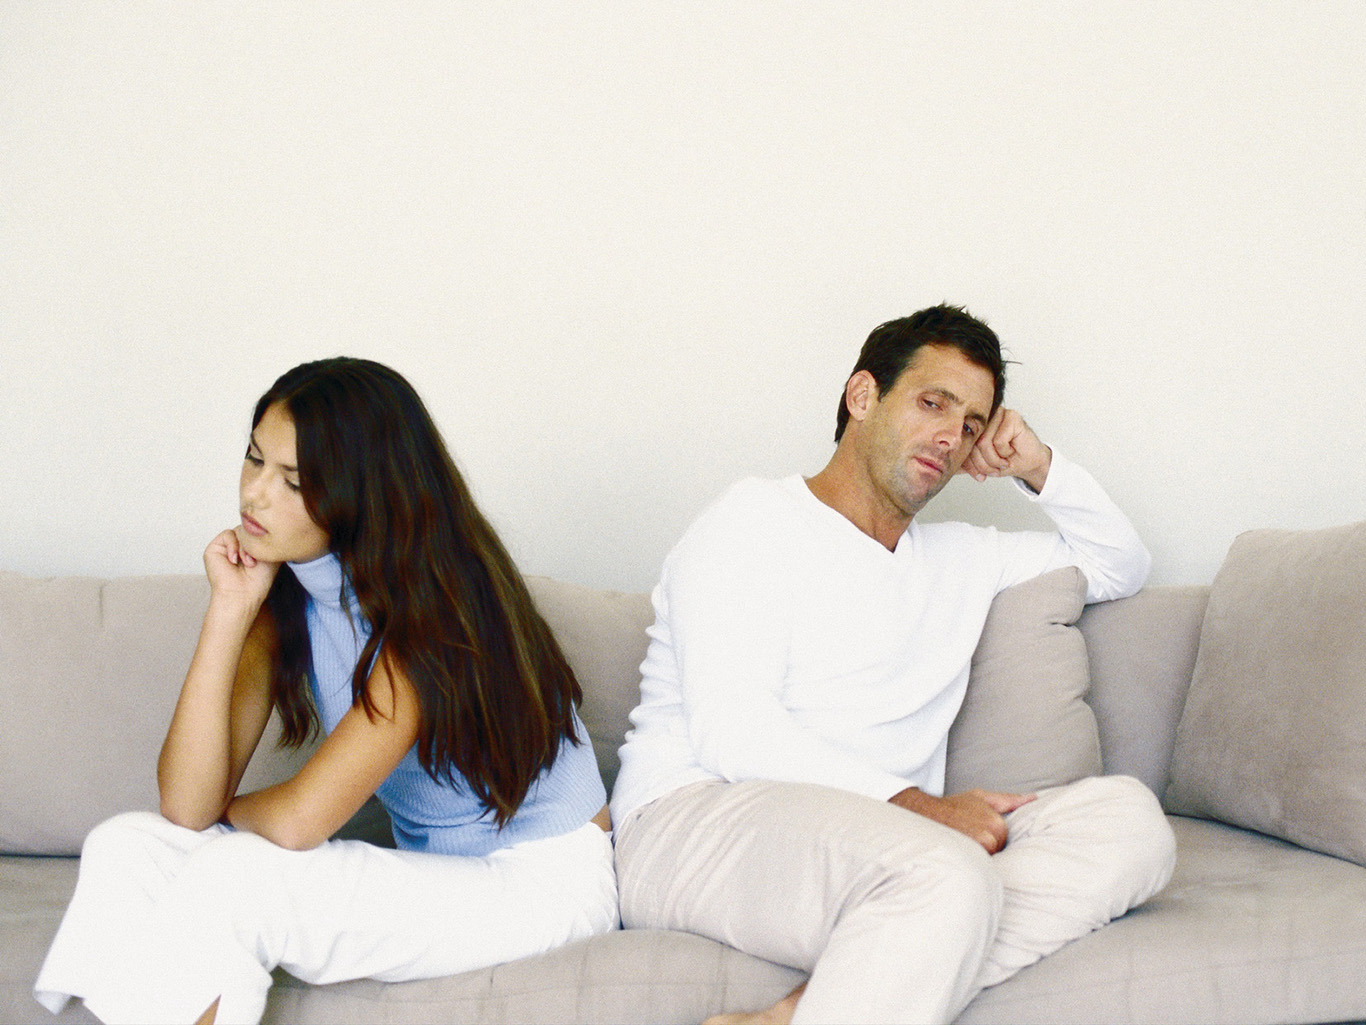 Муж не хочет секса потому что я не кончаются